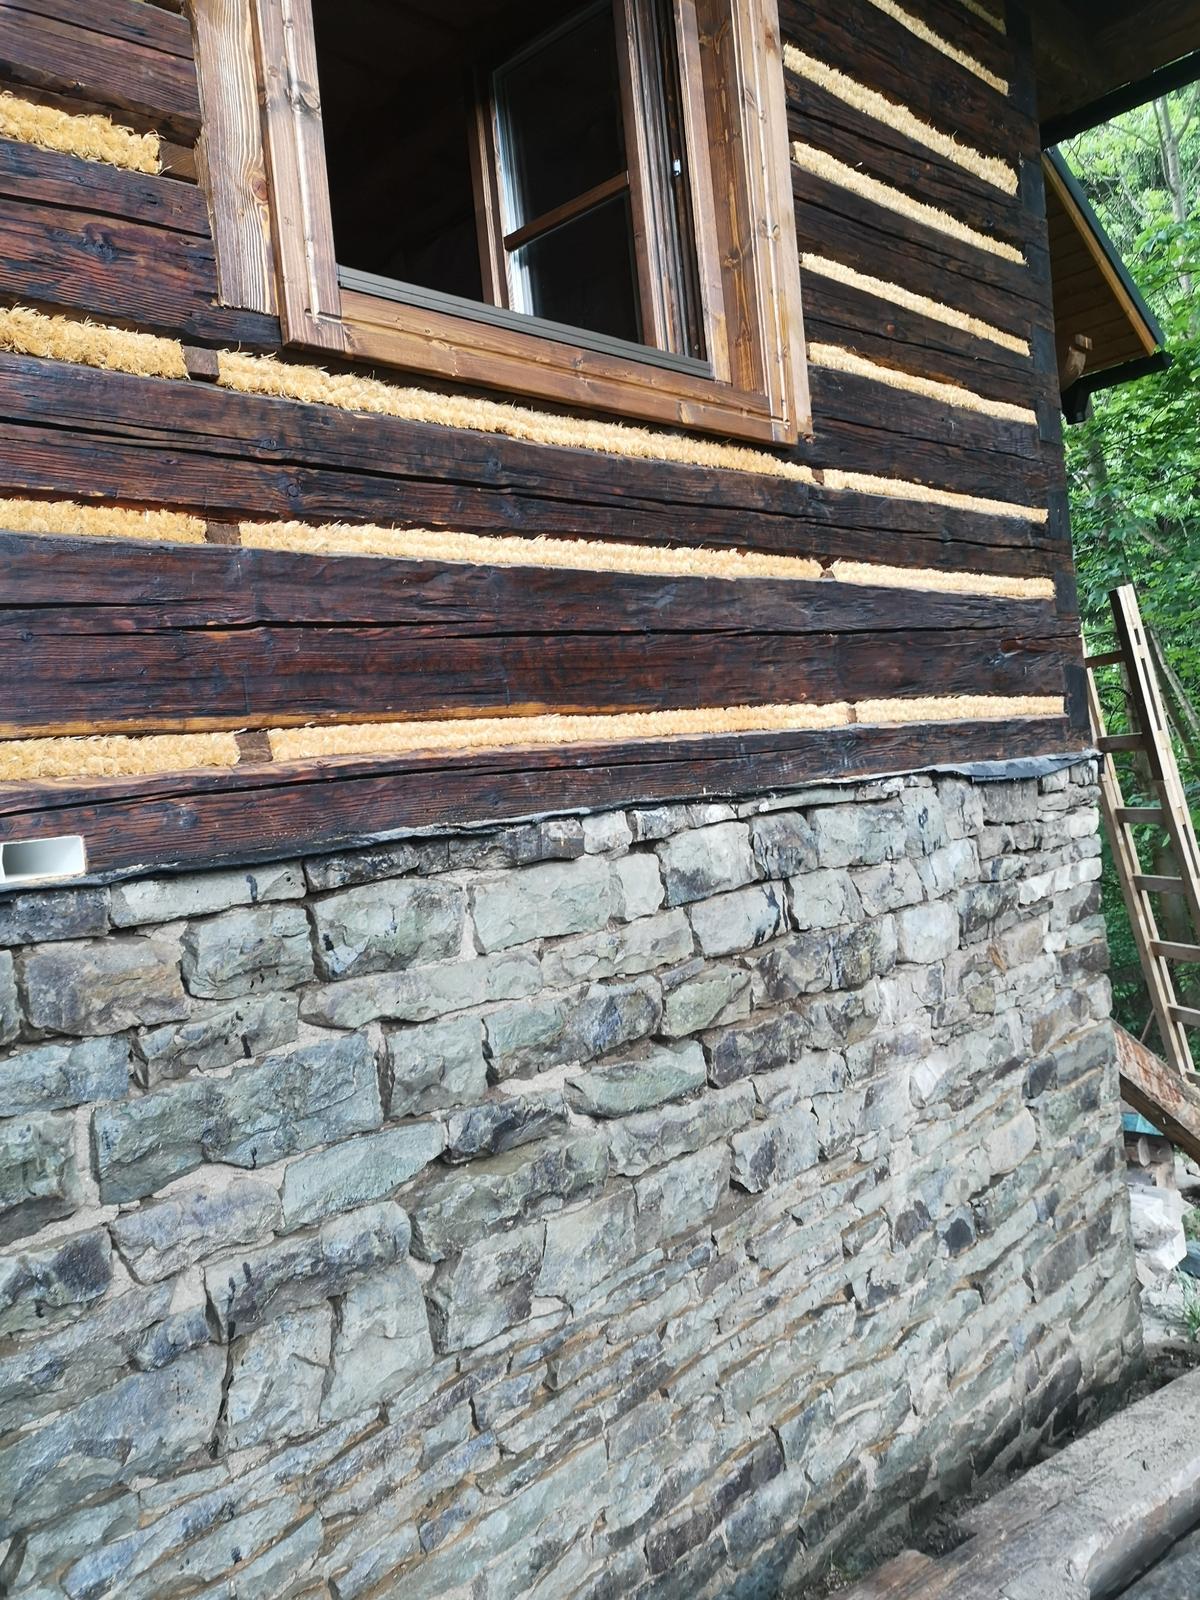 Na samote u lesa - Obrázok č. 111